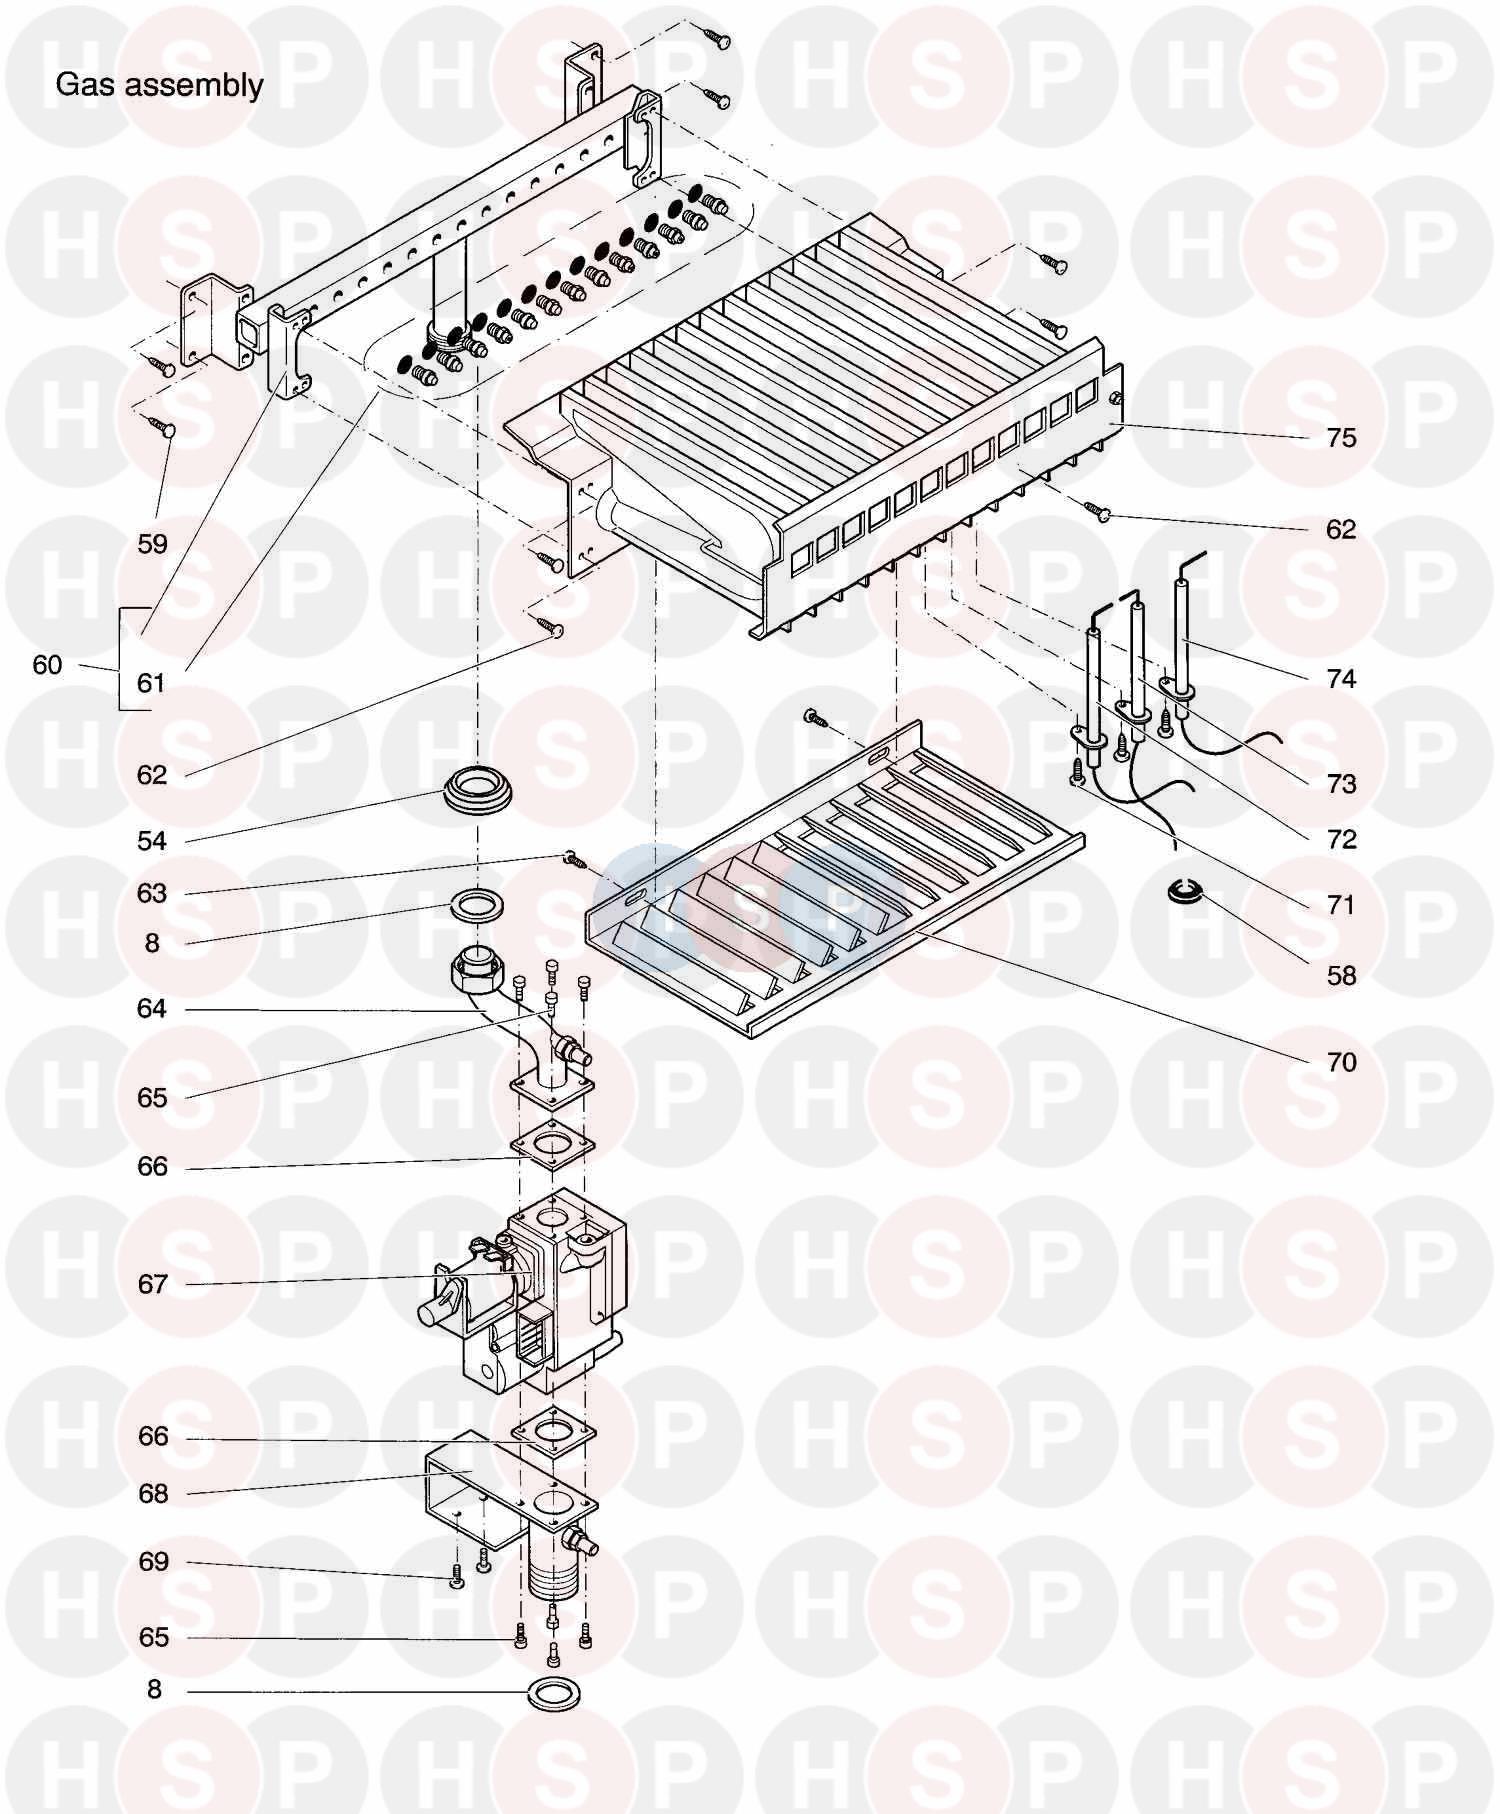 biasi prisma 24se  1998  appliance diagram  gas assembly